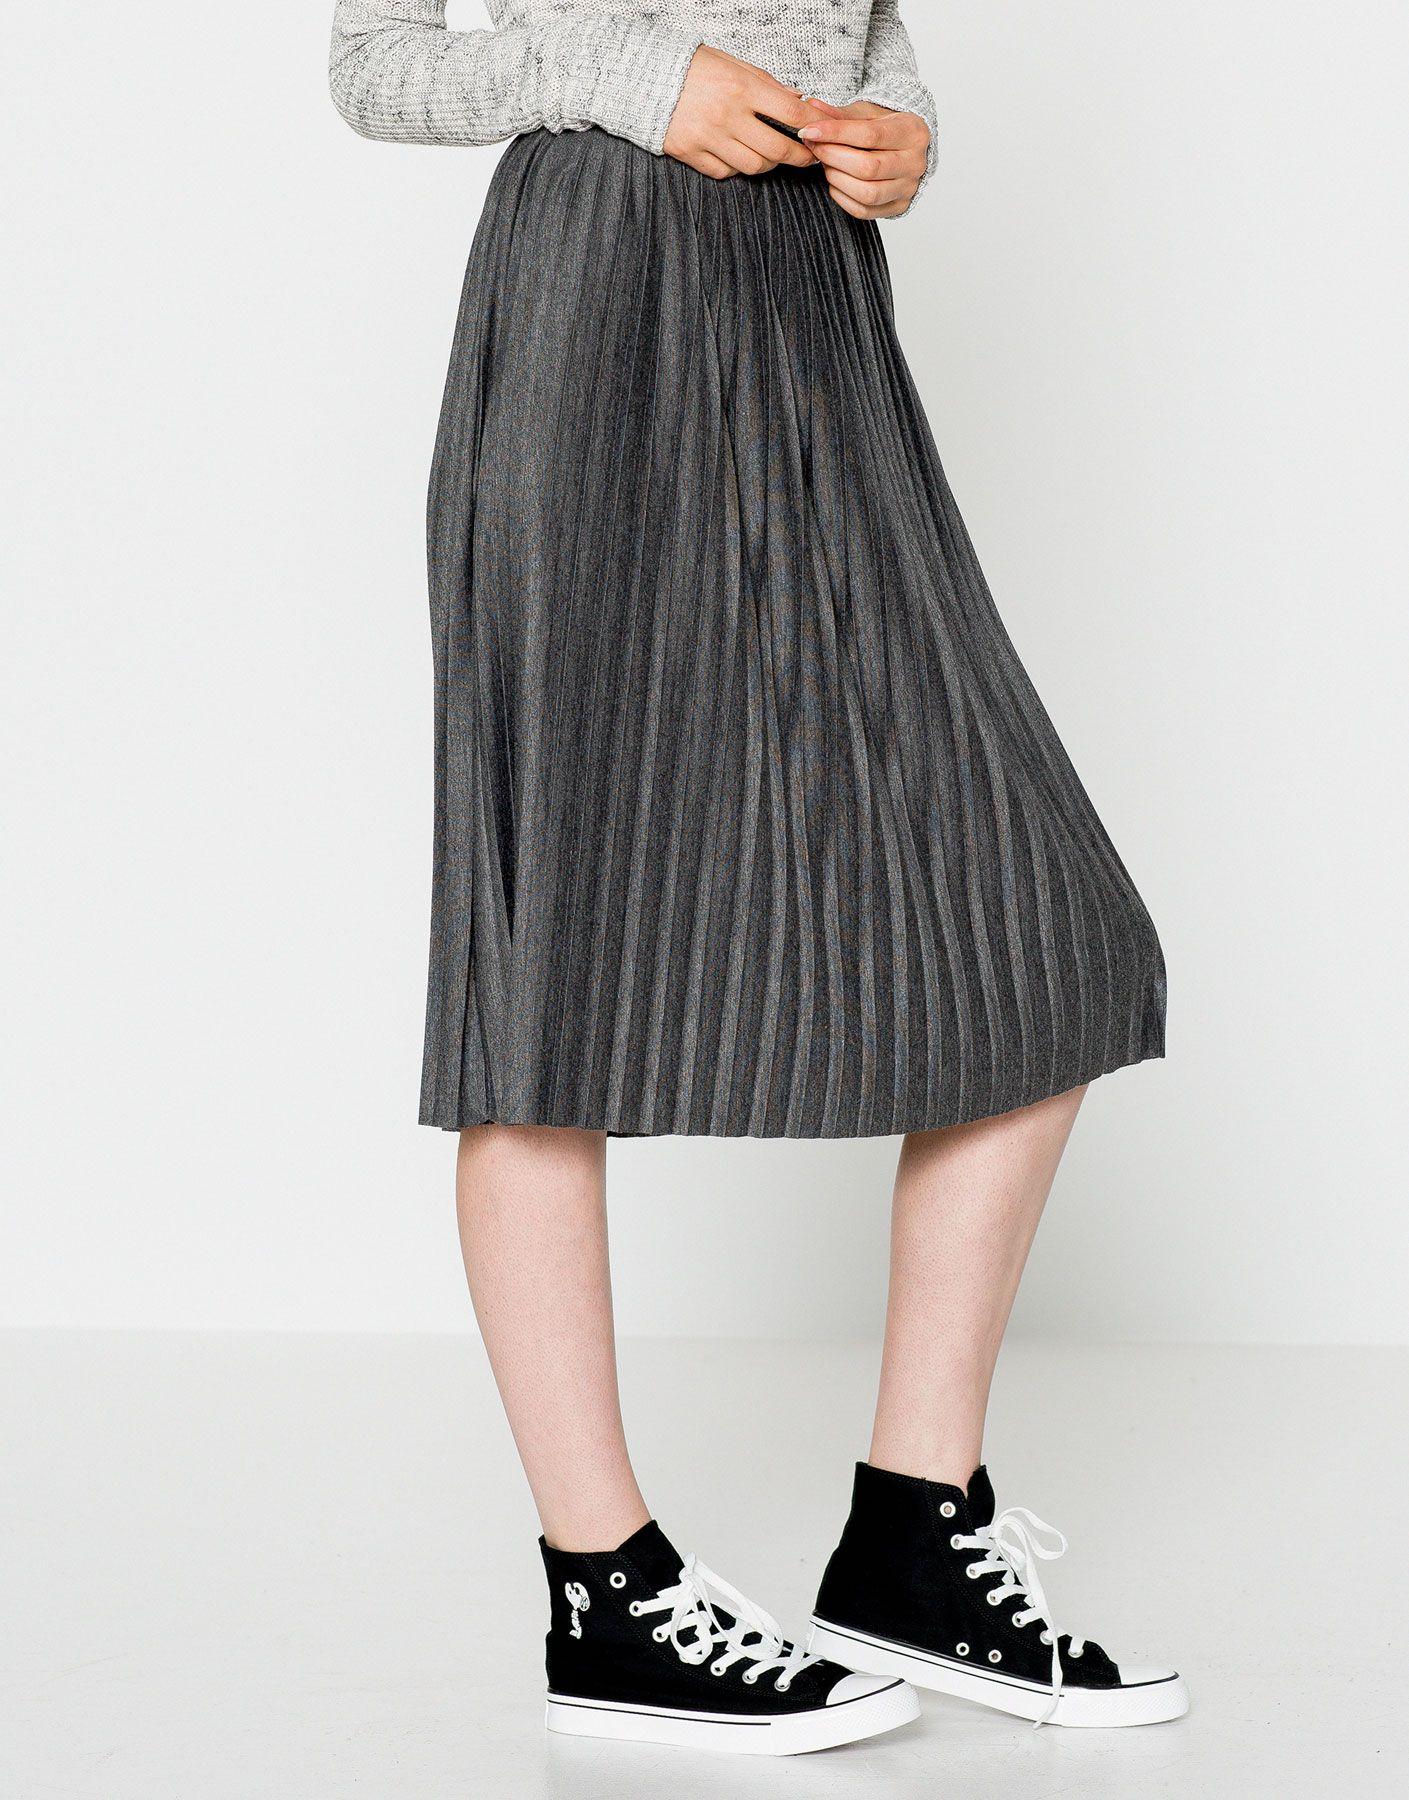 Recuerda que las faldas midi se han convertido en uno de los best sellers de Pull&Bear. Camisas, crop tops o bodies combinan a la perfección con esta prenda lady y elegante.   https://ad.zanox.com/ppc/?39031773C40765729&ulp=[[http://www.pullandbear.com/es/es/mujer/faldas-c29024.html%23/100454519/FALDA%20PLISADA%20MIDI?utm_campaign=zanox&utm_source=zanox&utm_medium=deeplink]] #pullandbear #faldamidi #midi